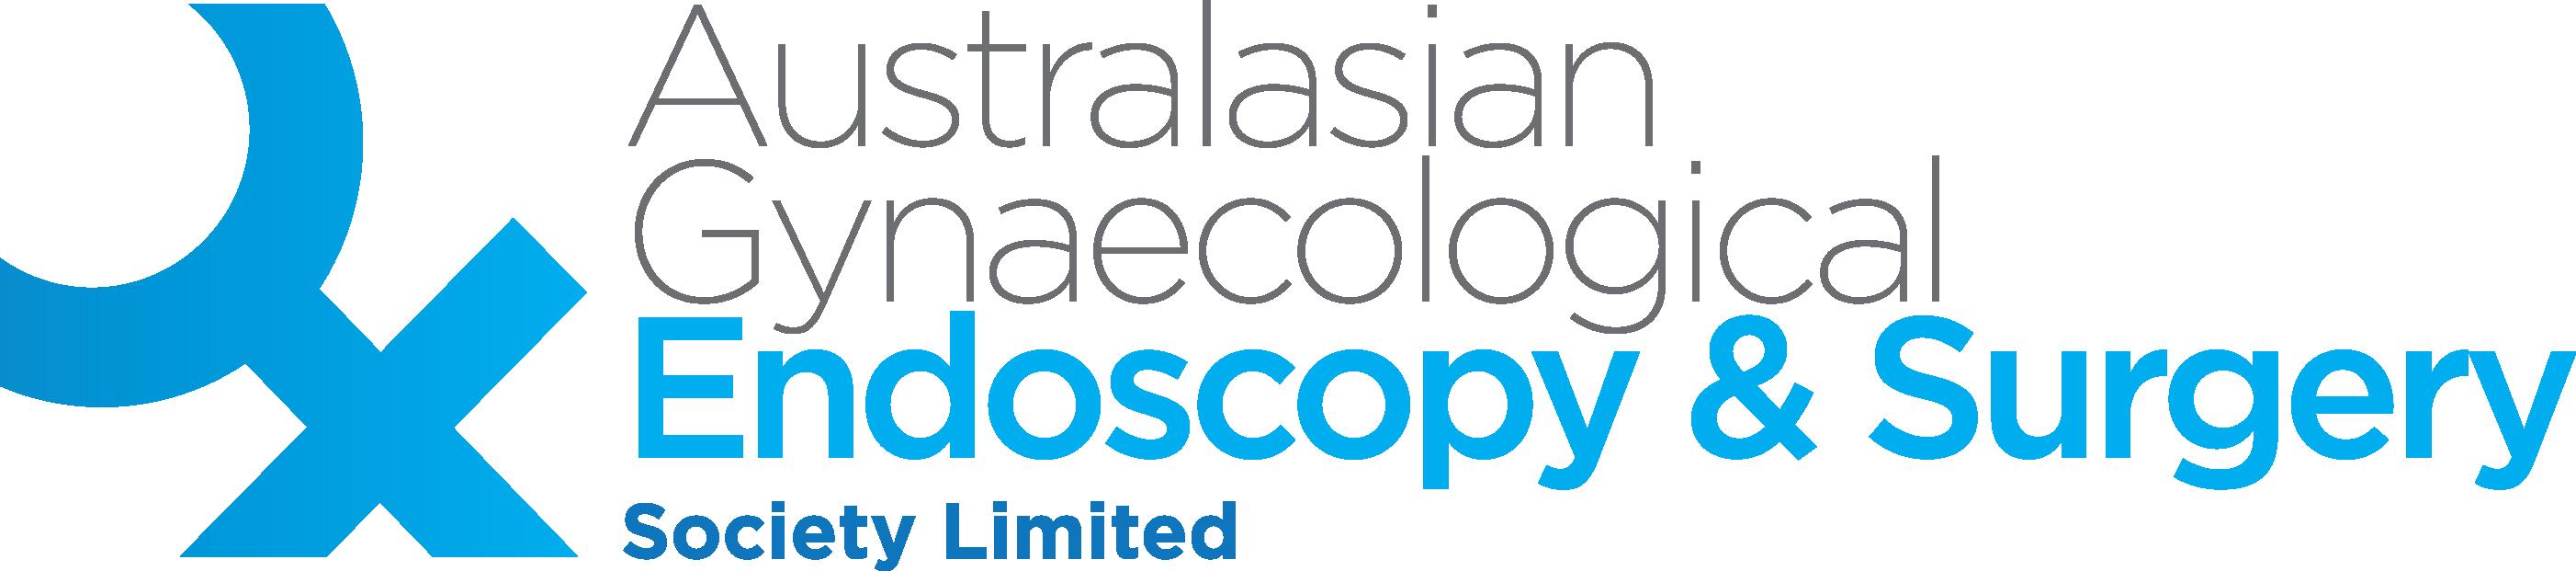 Australasian Gynaecological Endoscopiy & Surgery